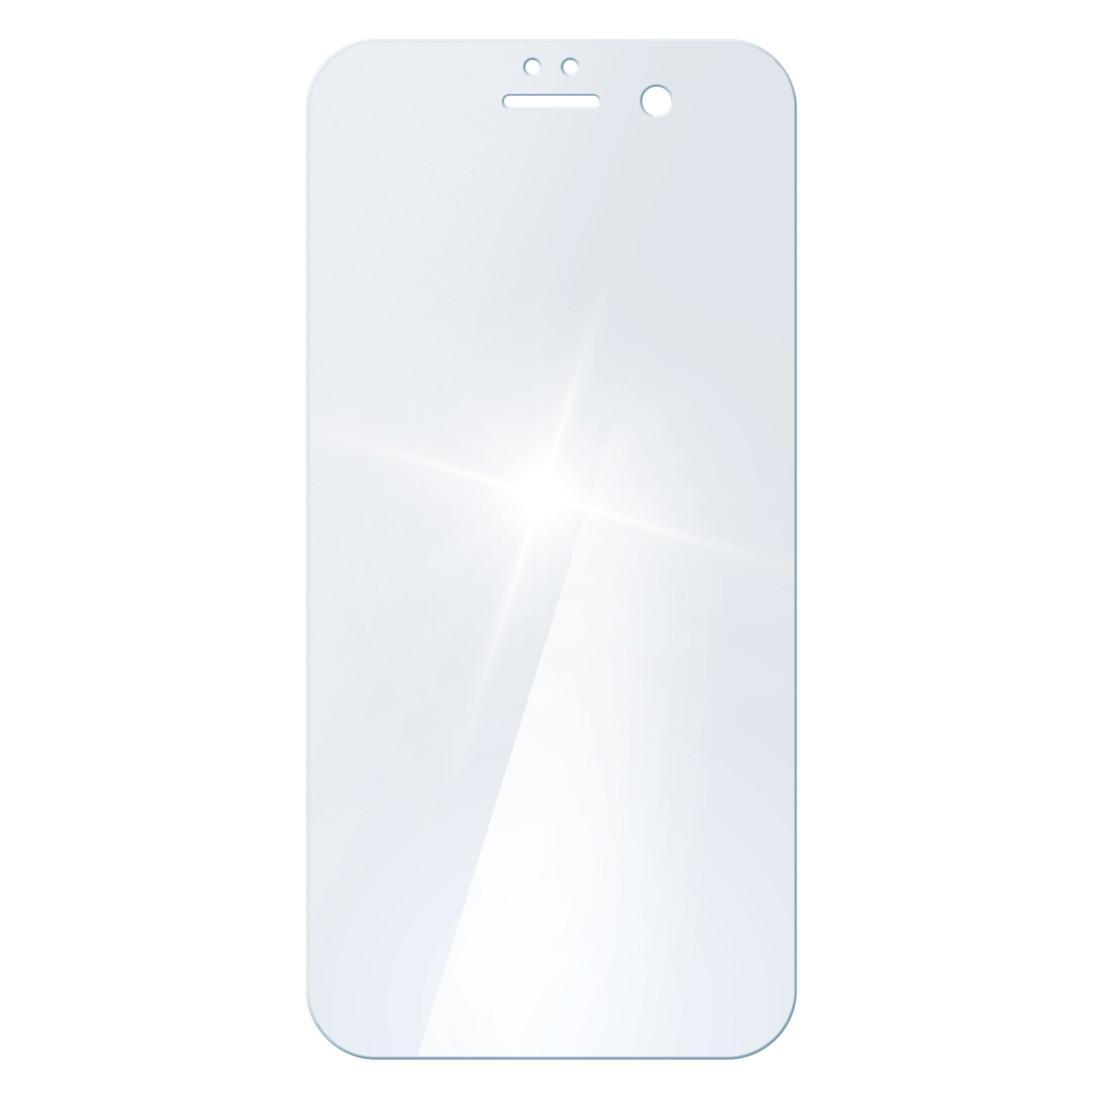 """Стъклен протектор за екран HAMA """"Premium Crystal Glass"""", с Nano Tech покритие за Huawei P smart"""